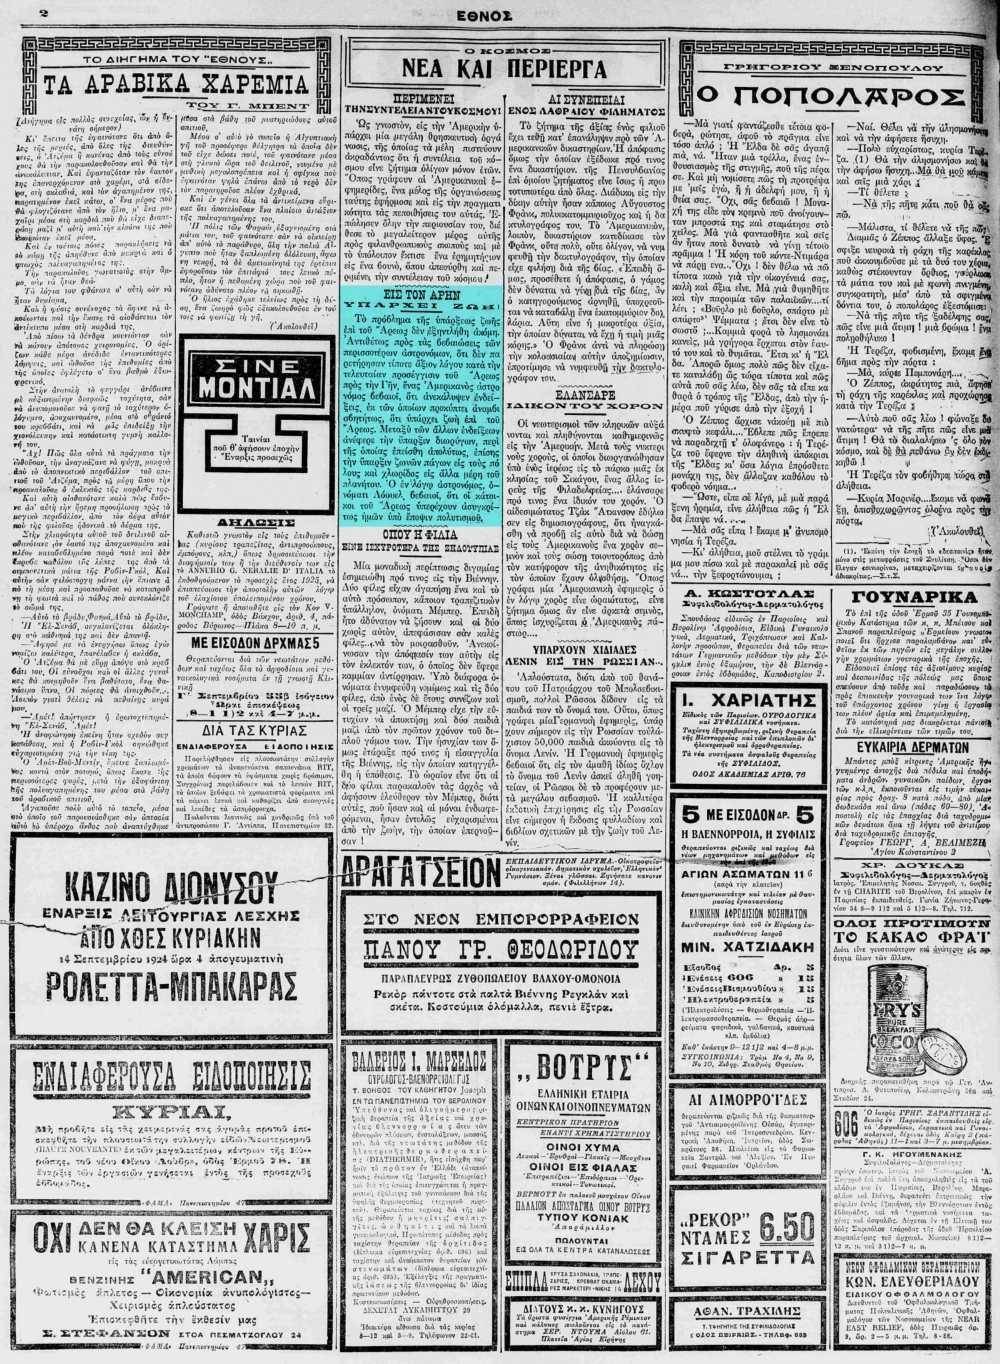 """Το άρθρο, όπως δημοσιεύθηκε στην εφημερίδα """"ΕΘΝΟΣ"""", στις 15/09/1924"""